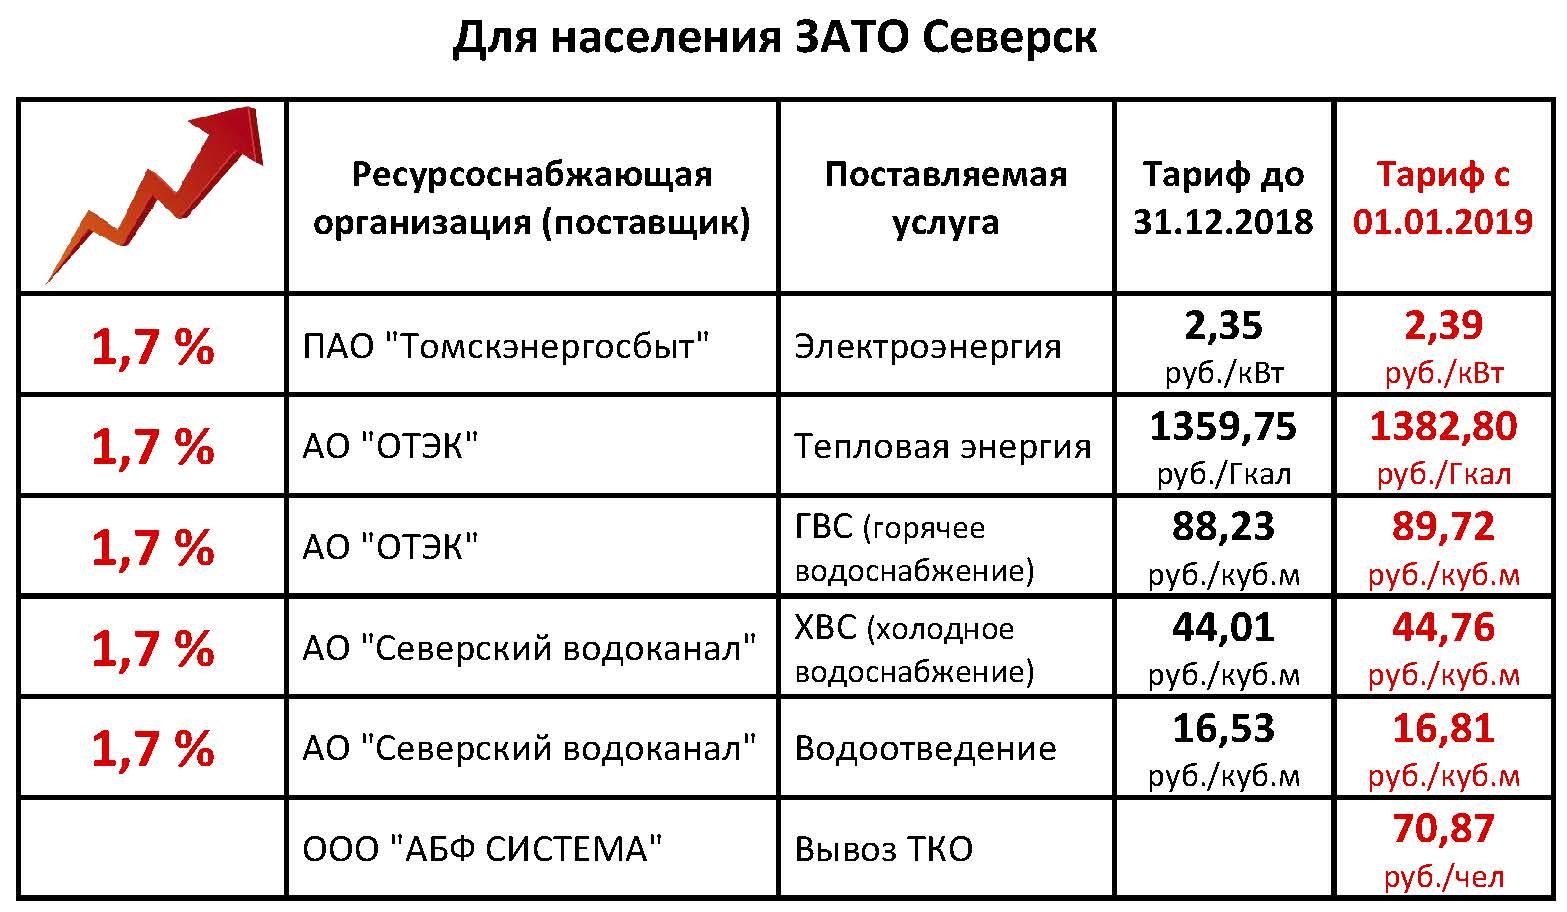 Тарифы ЖКХ с 01.01.2019